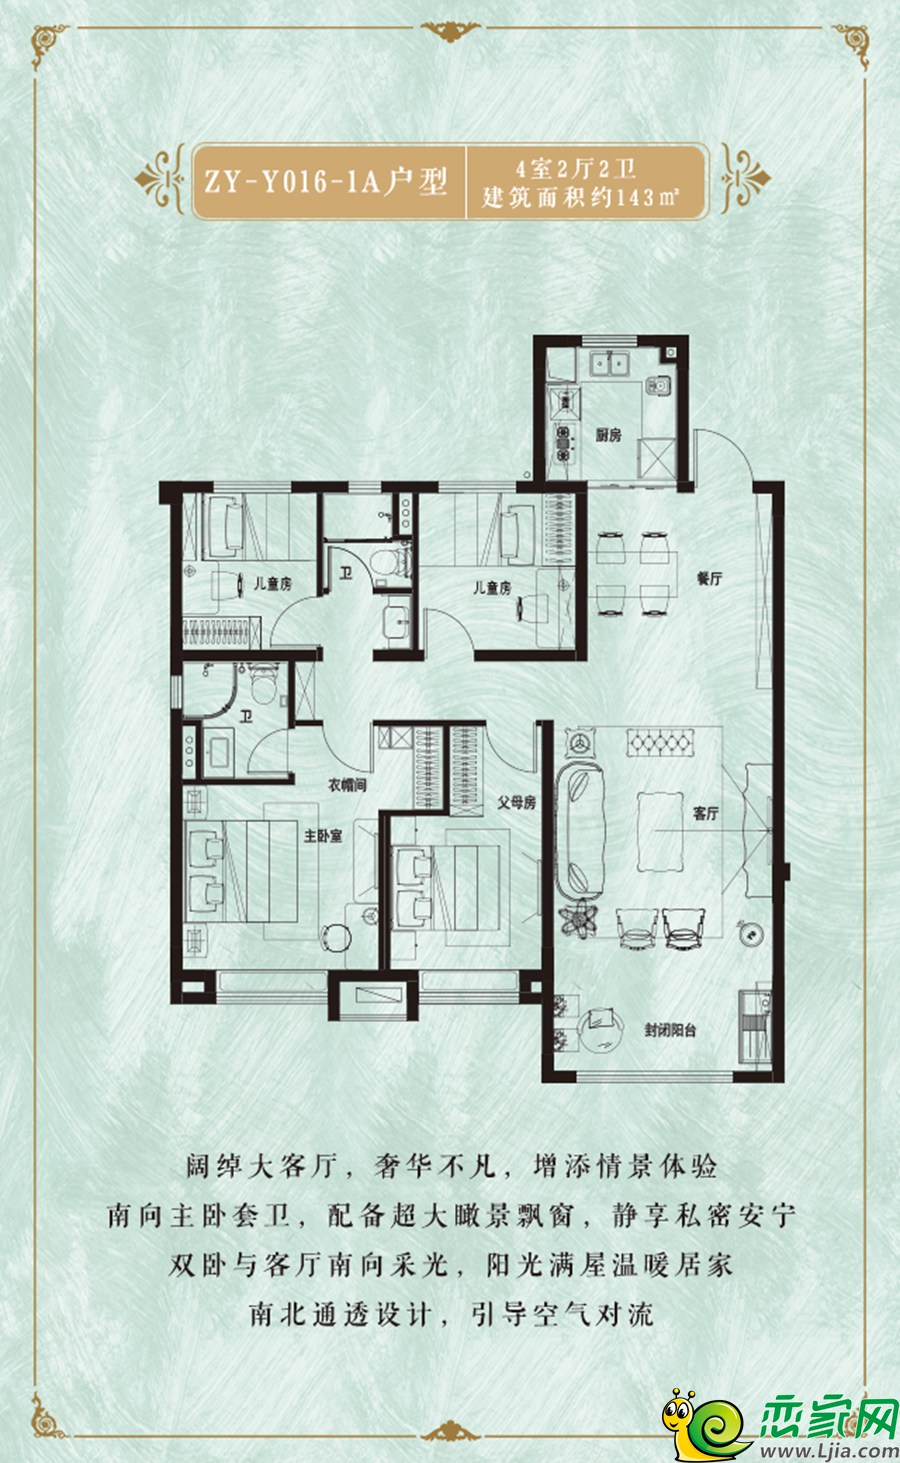 ZY-Y016-1A户型